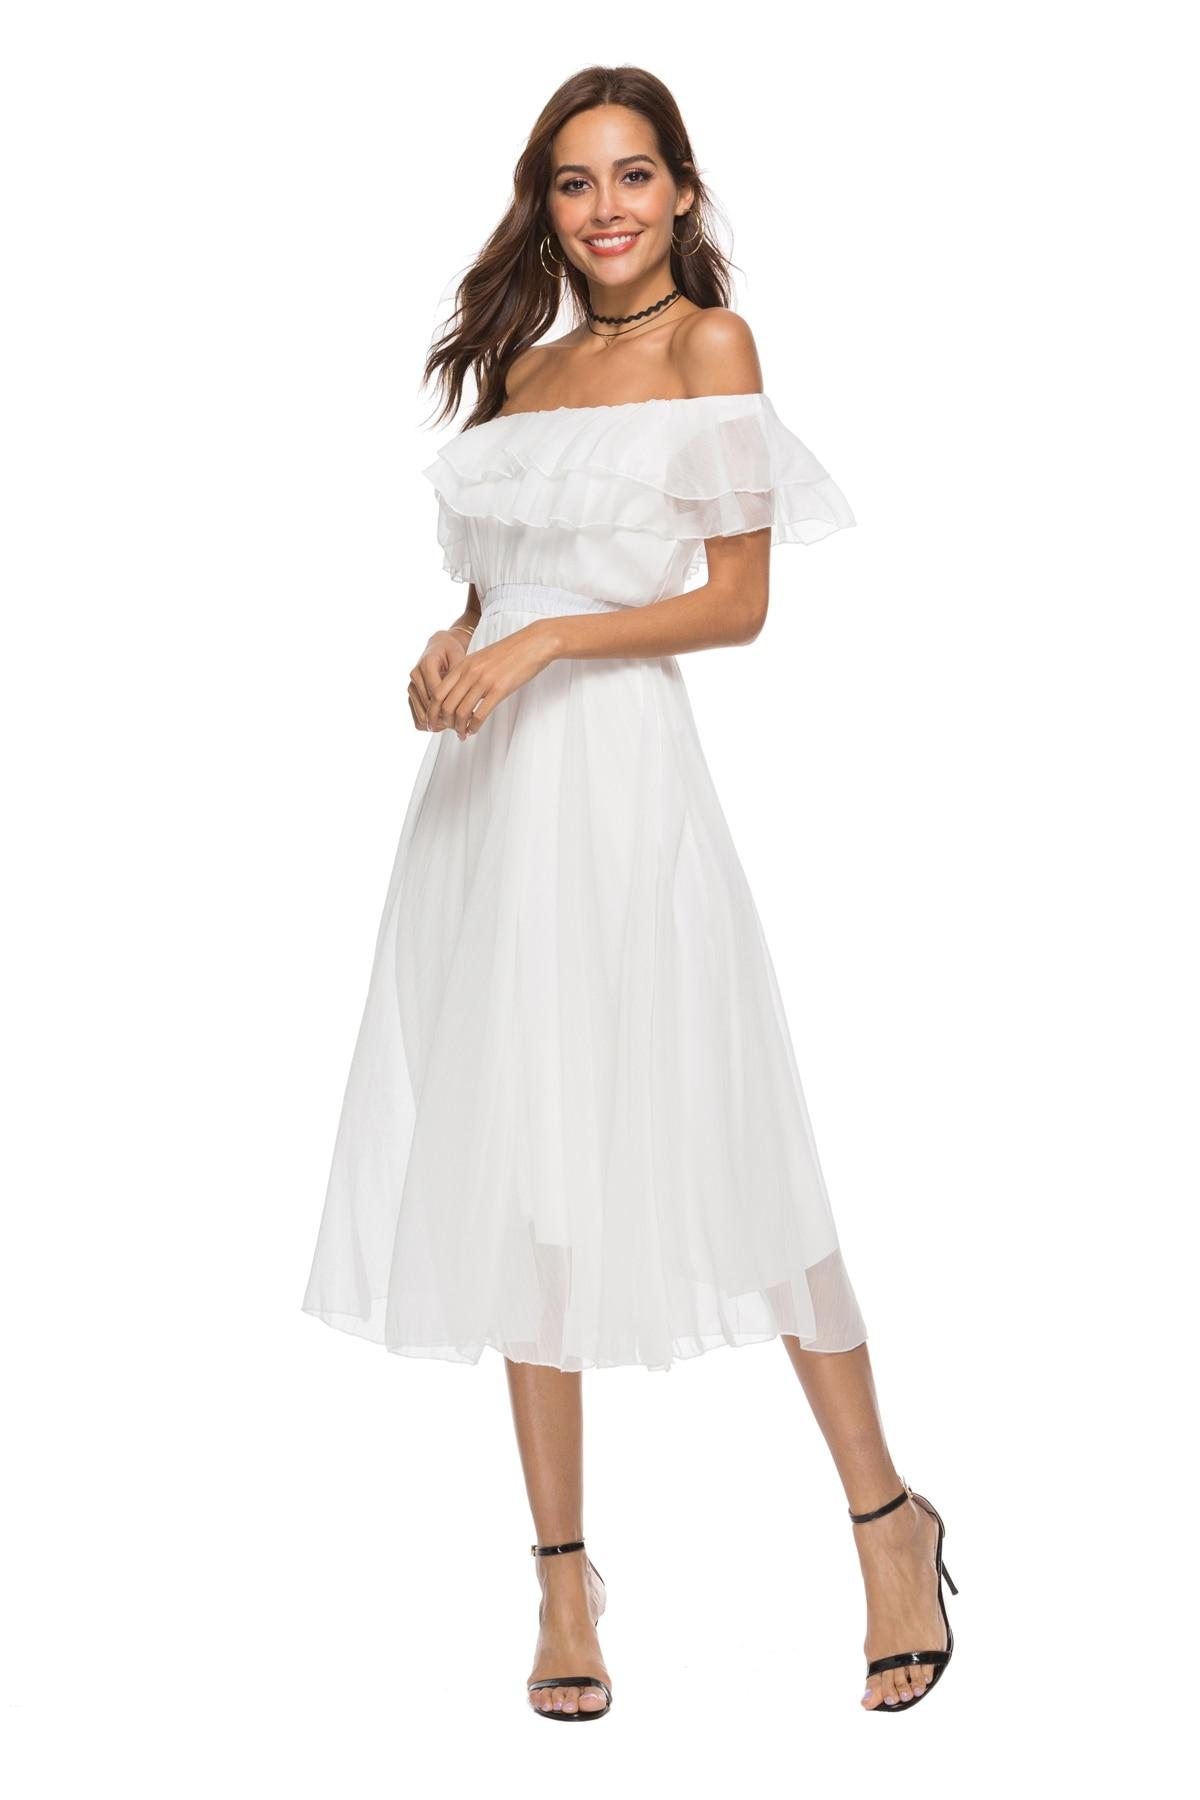 Slash Moulante Soie Zqlz Dos Robe Style Sexy Blanc Boho Mousseline Courtes Manches Longue À Femlae Cou Plage D'été Nu De Femmes Robes Pqf4Yw